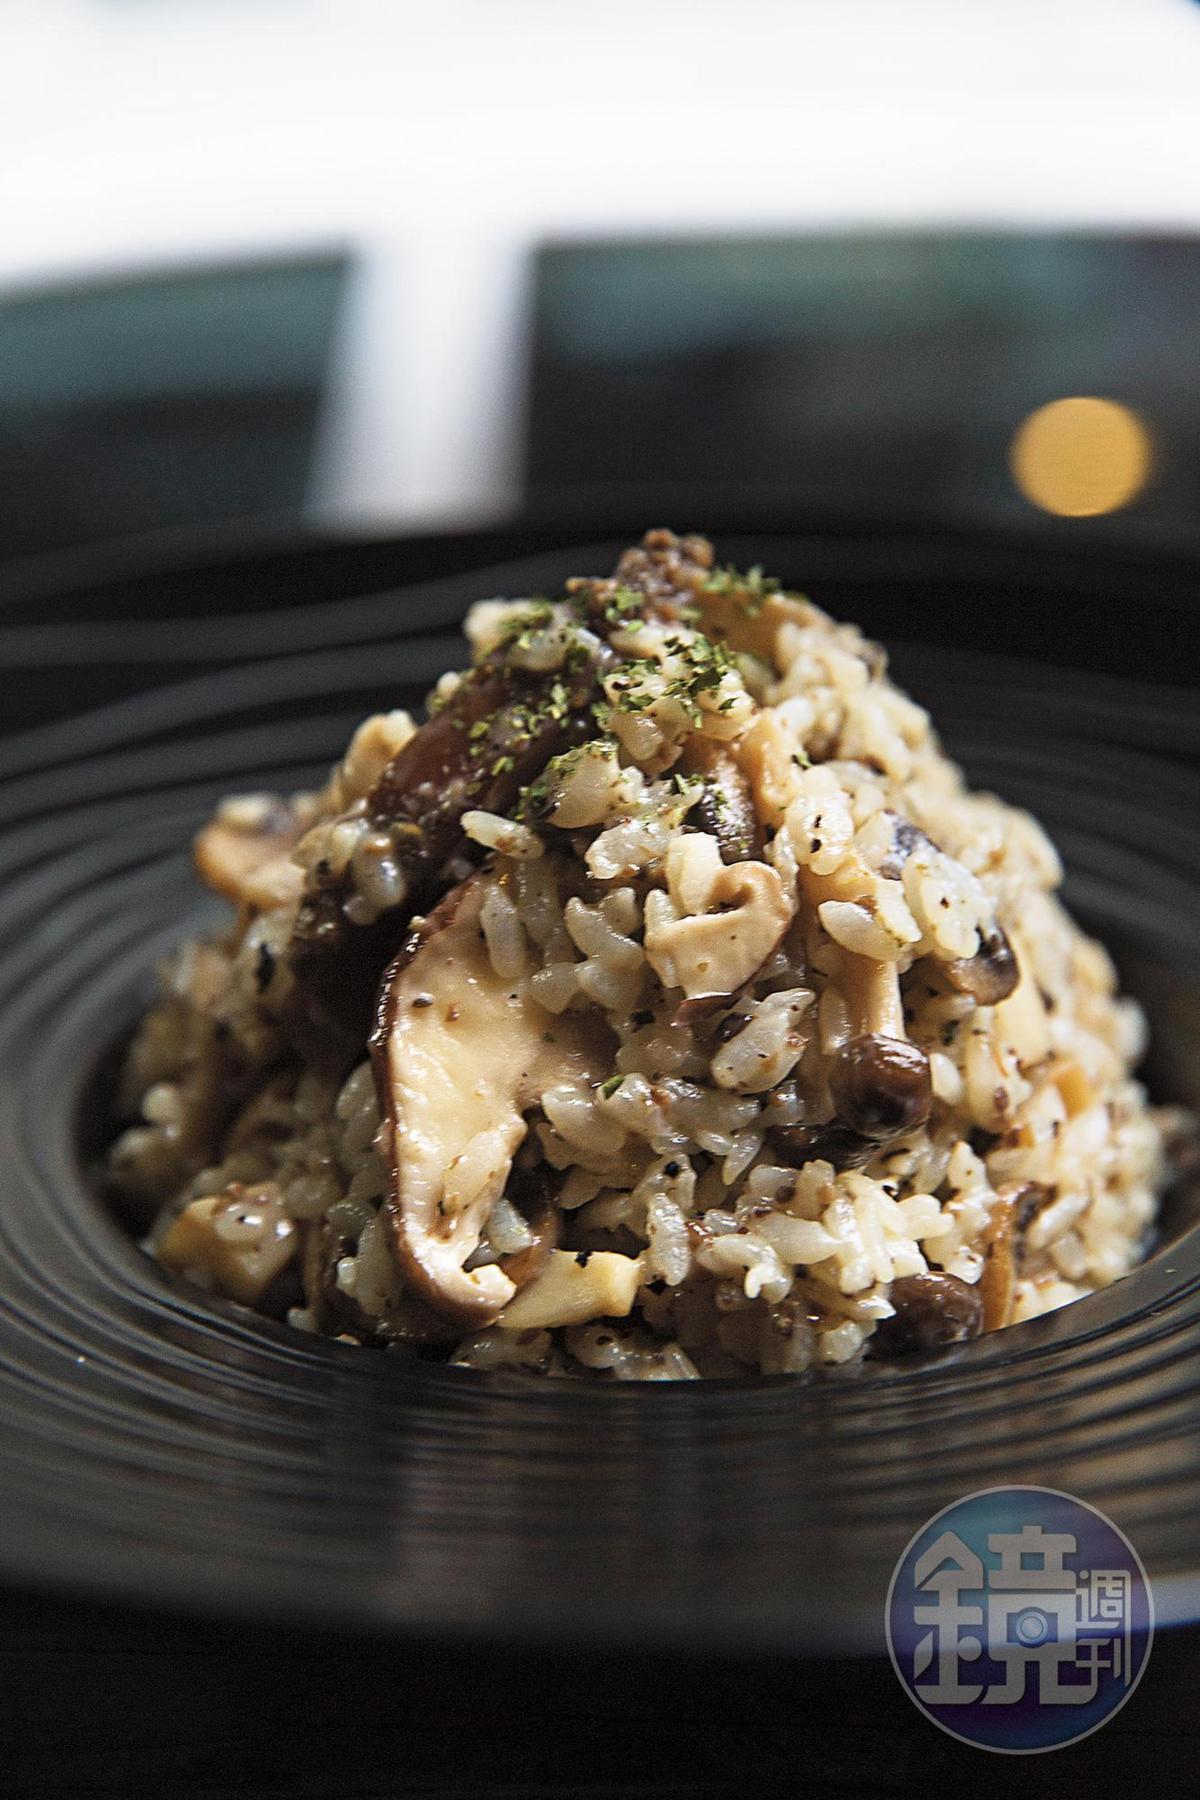 隋玲最喜歡「黑松露野菇燉飯」,松露香氣四溢搭配軟硬適中的香菇,每一口都充滿層次感。(380元╱份)